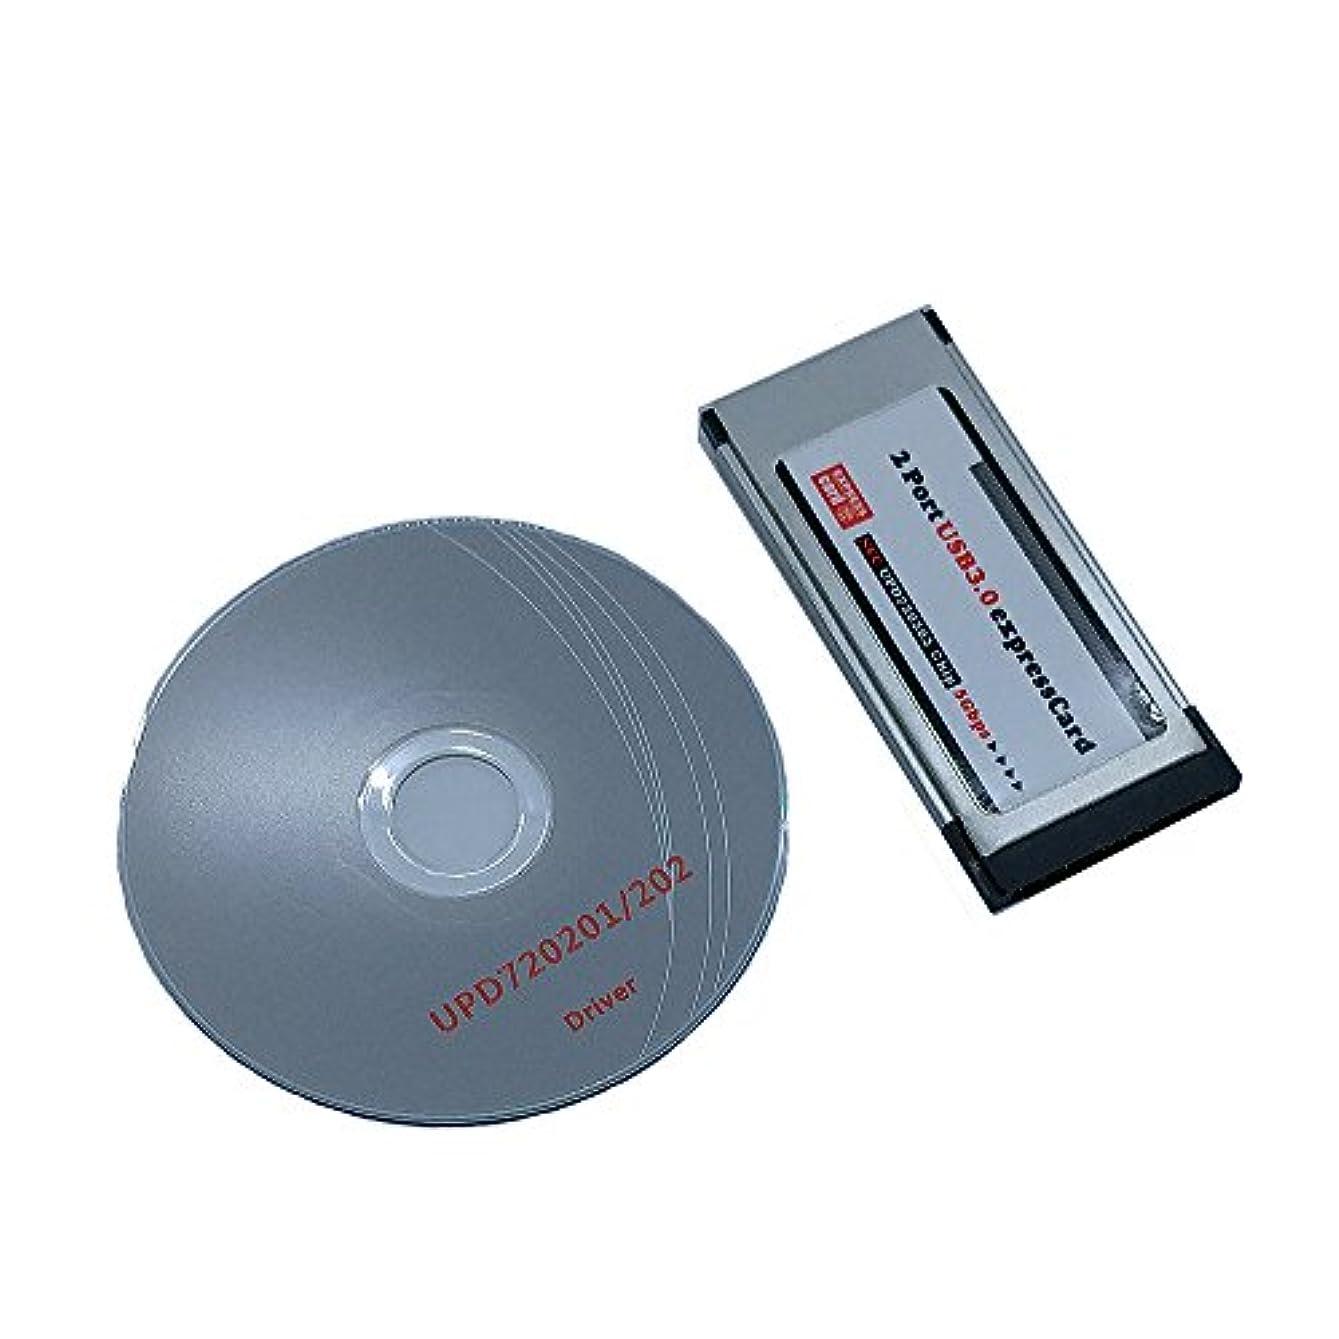 聖域引き渡す対bodhimech PCI Expressカードto USB 3.0 2ポートアダプタ34 mmコンバータ